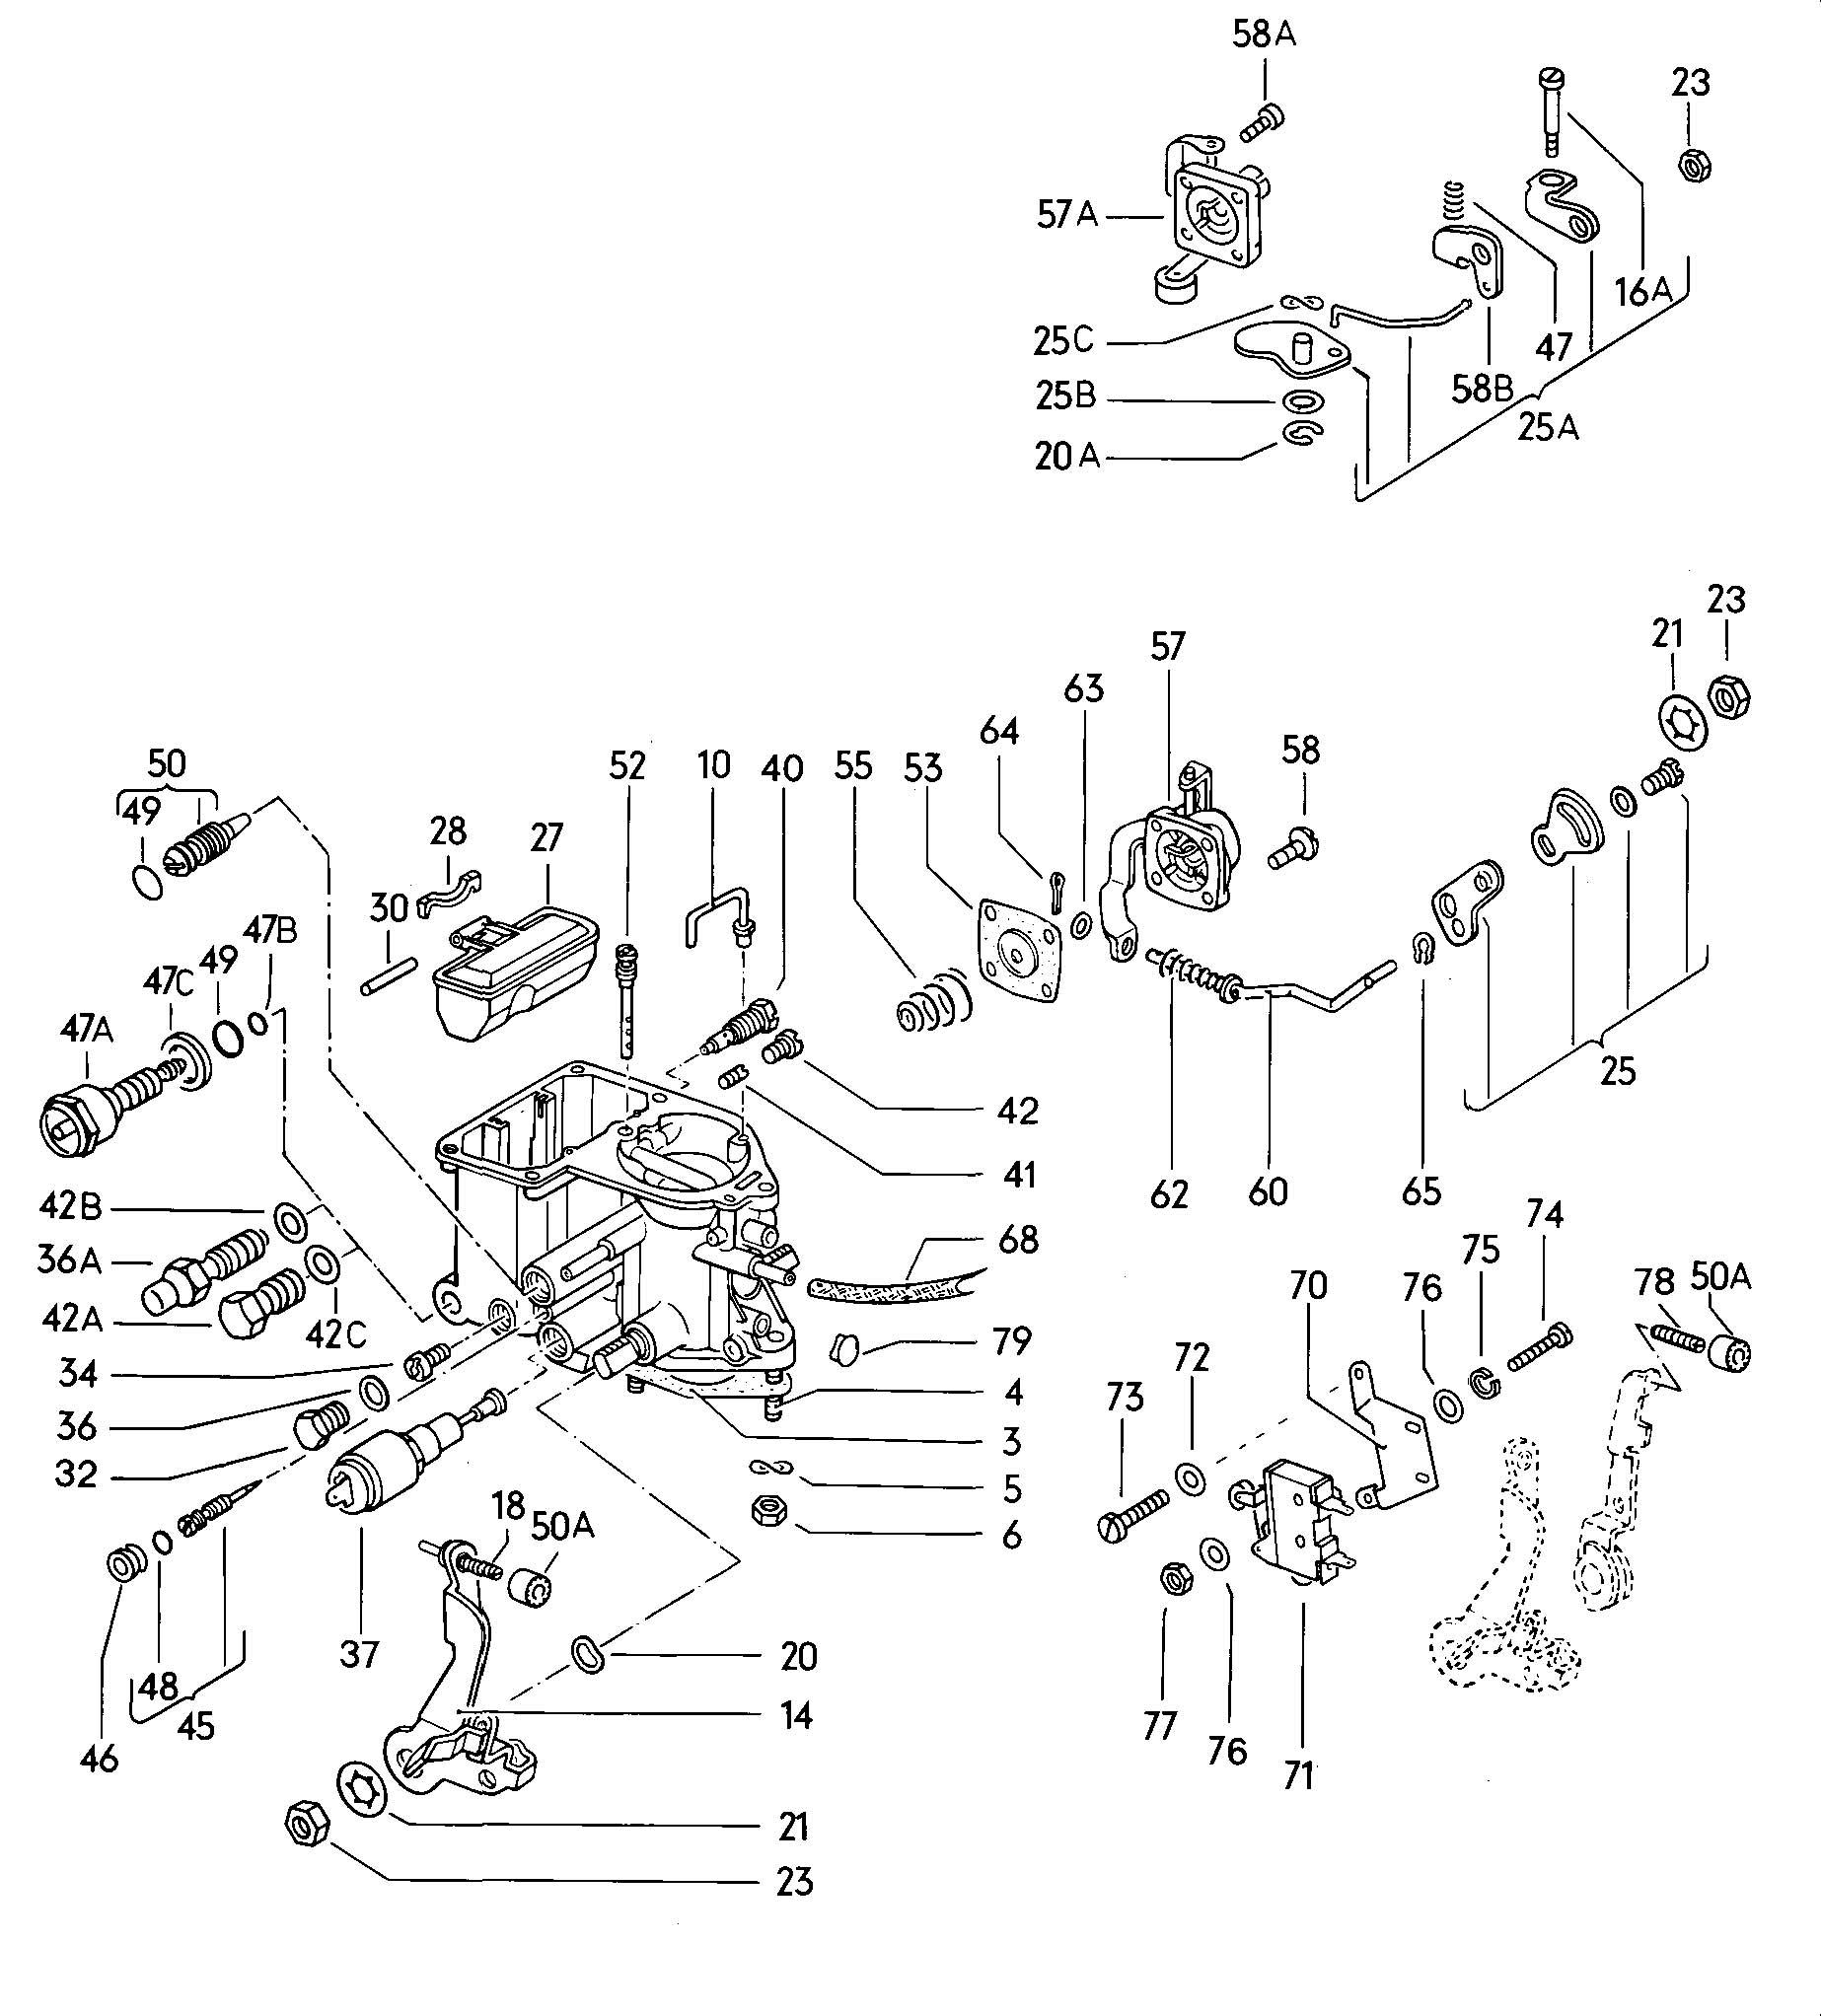 73 vw bug engine schematics